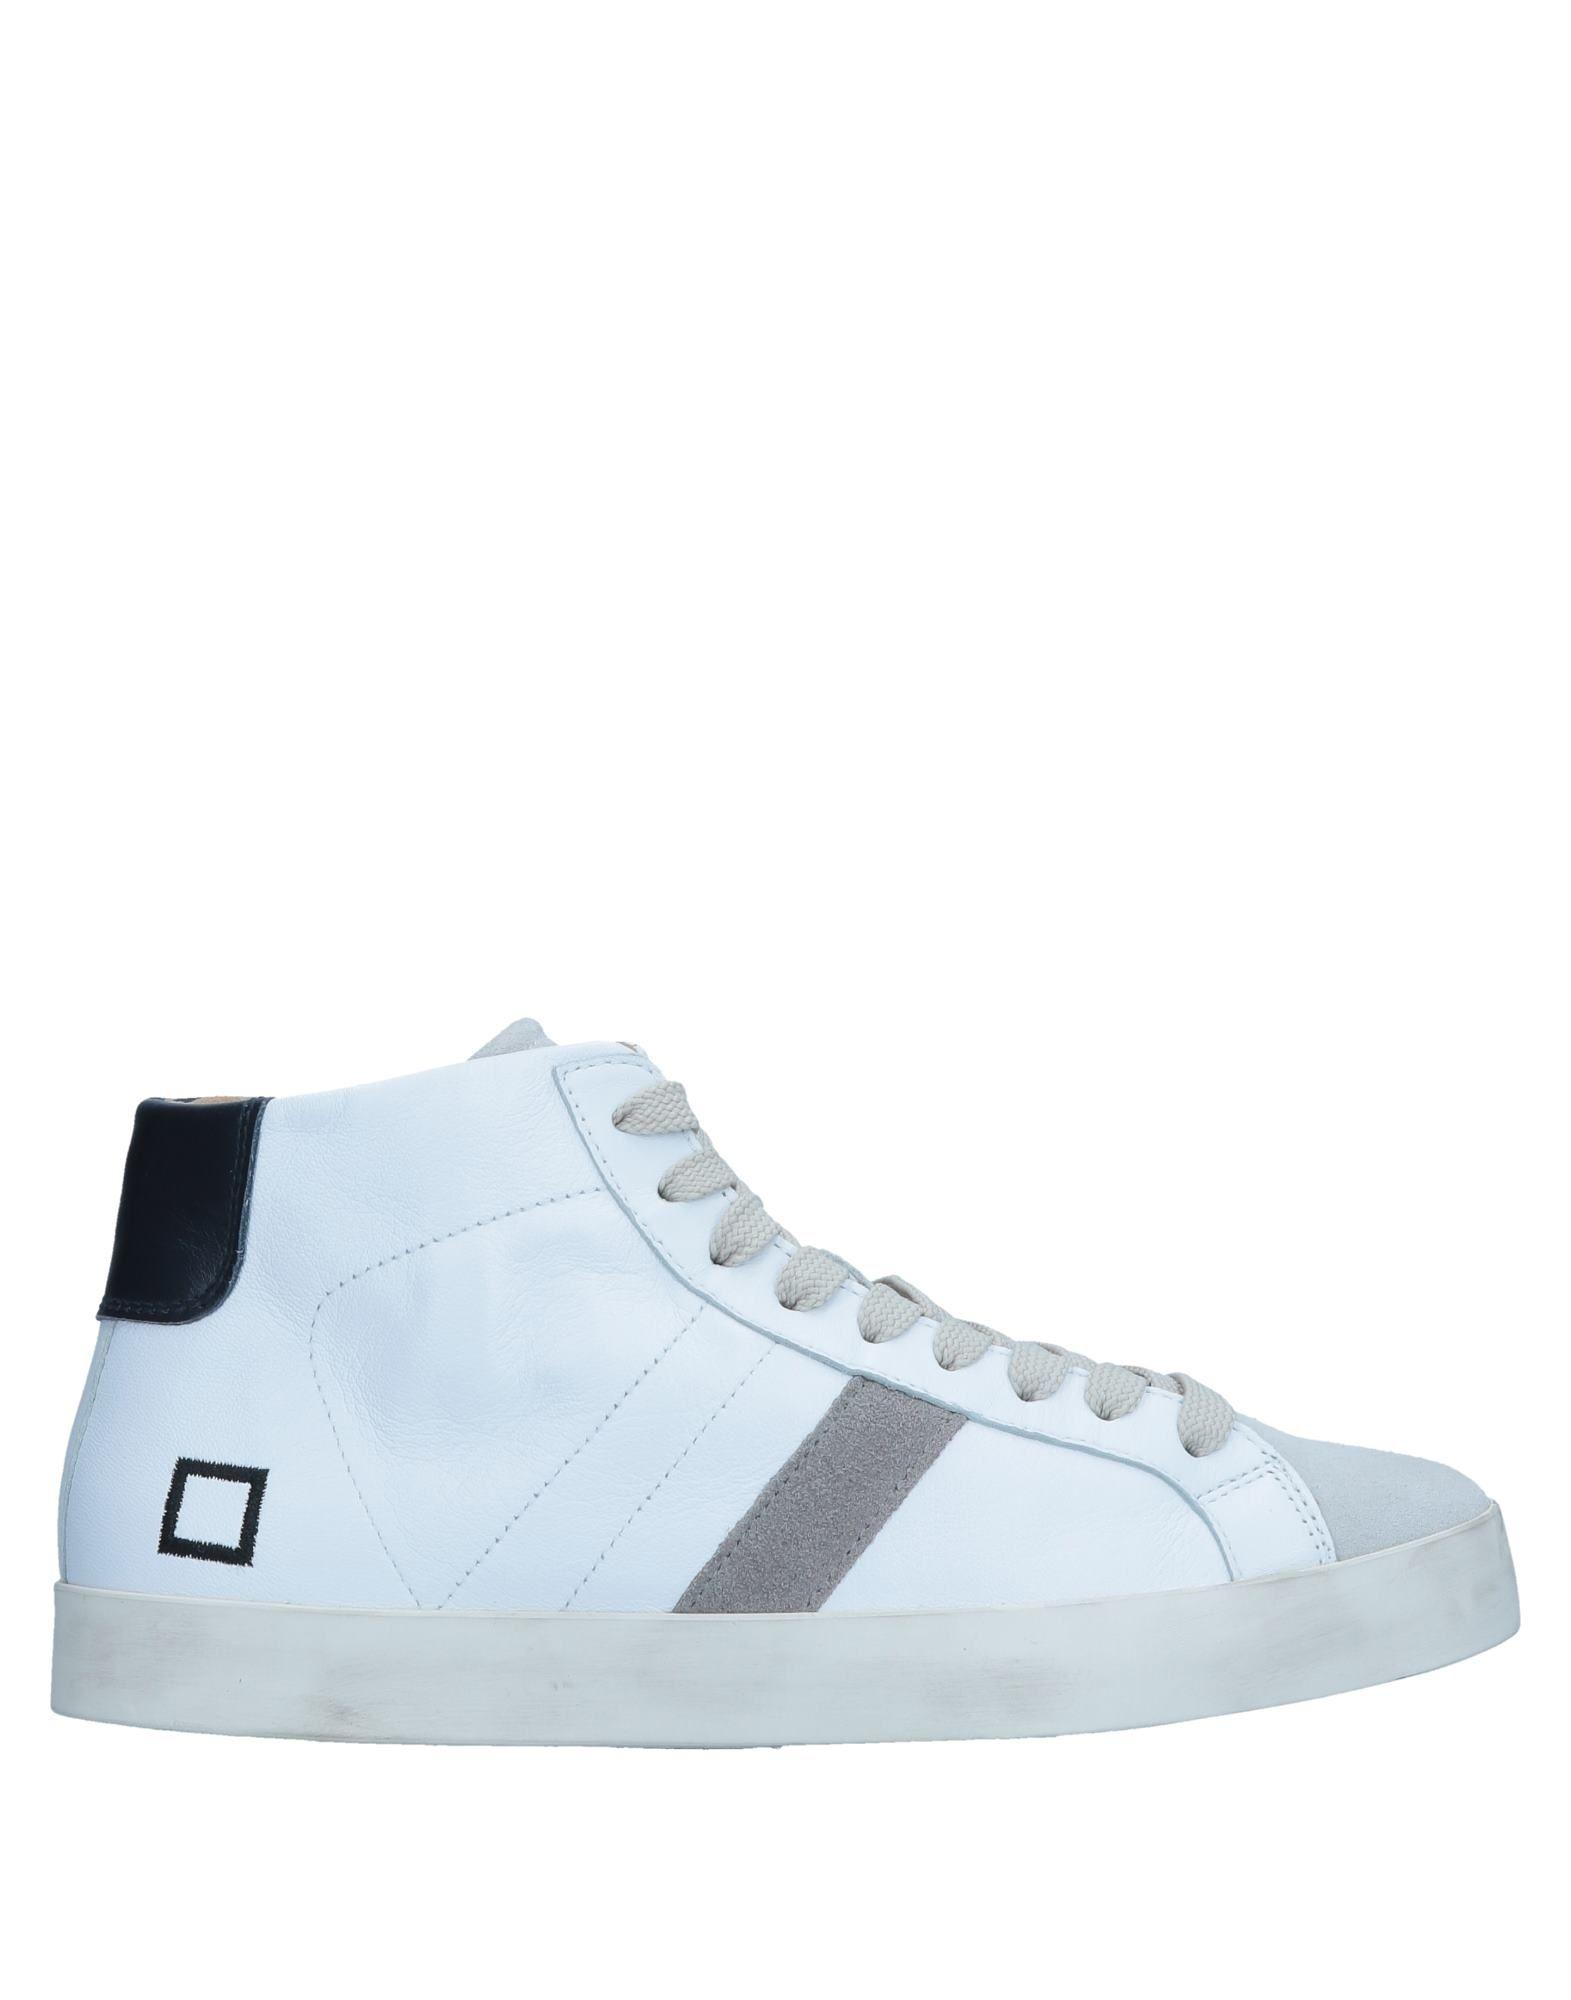 Scarpe economiche e resistenti Sneakers D.A.T.E. Uomo - 11545818HK